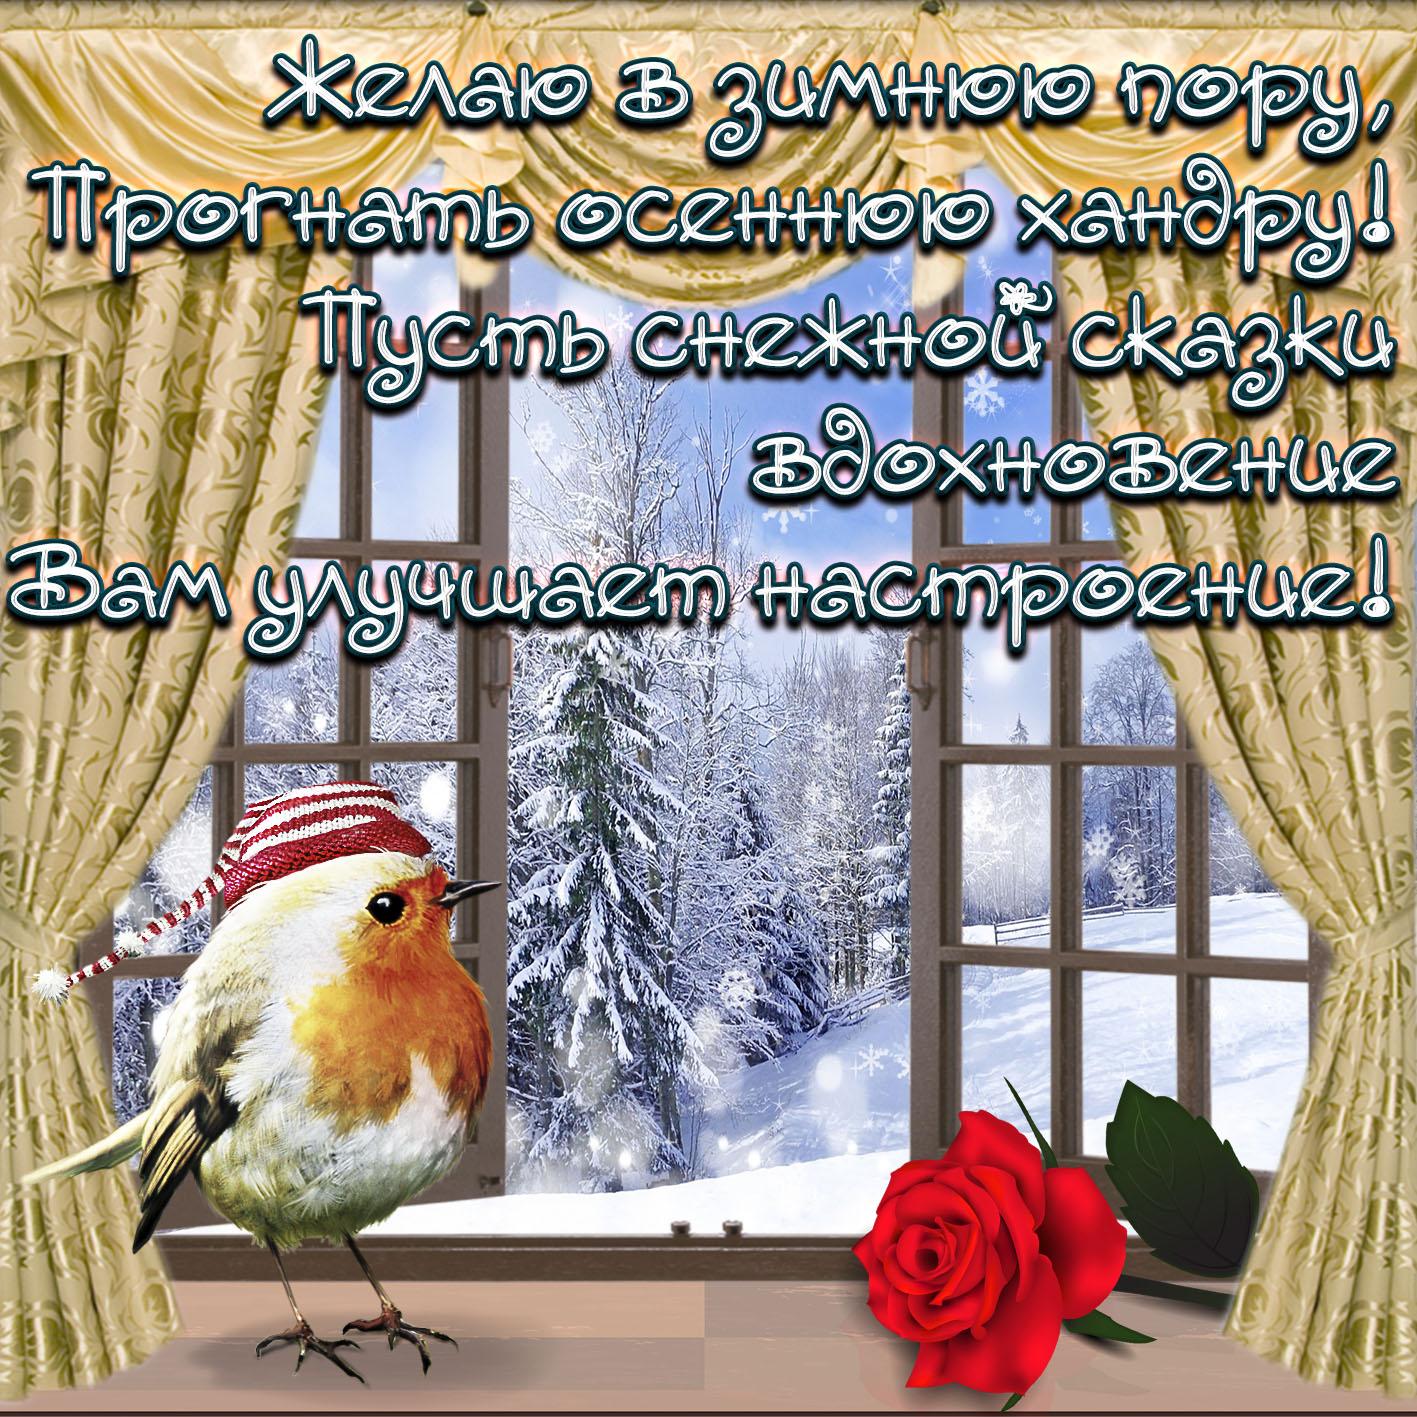 таких красивые поздравления с добрым утром и хорошим днем зимние различные минералы